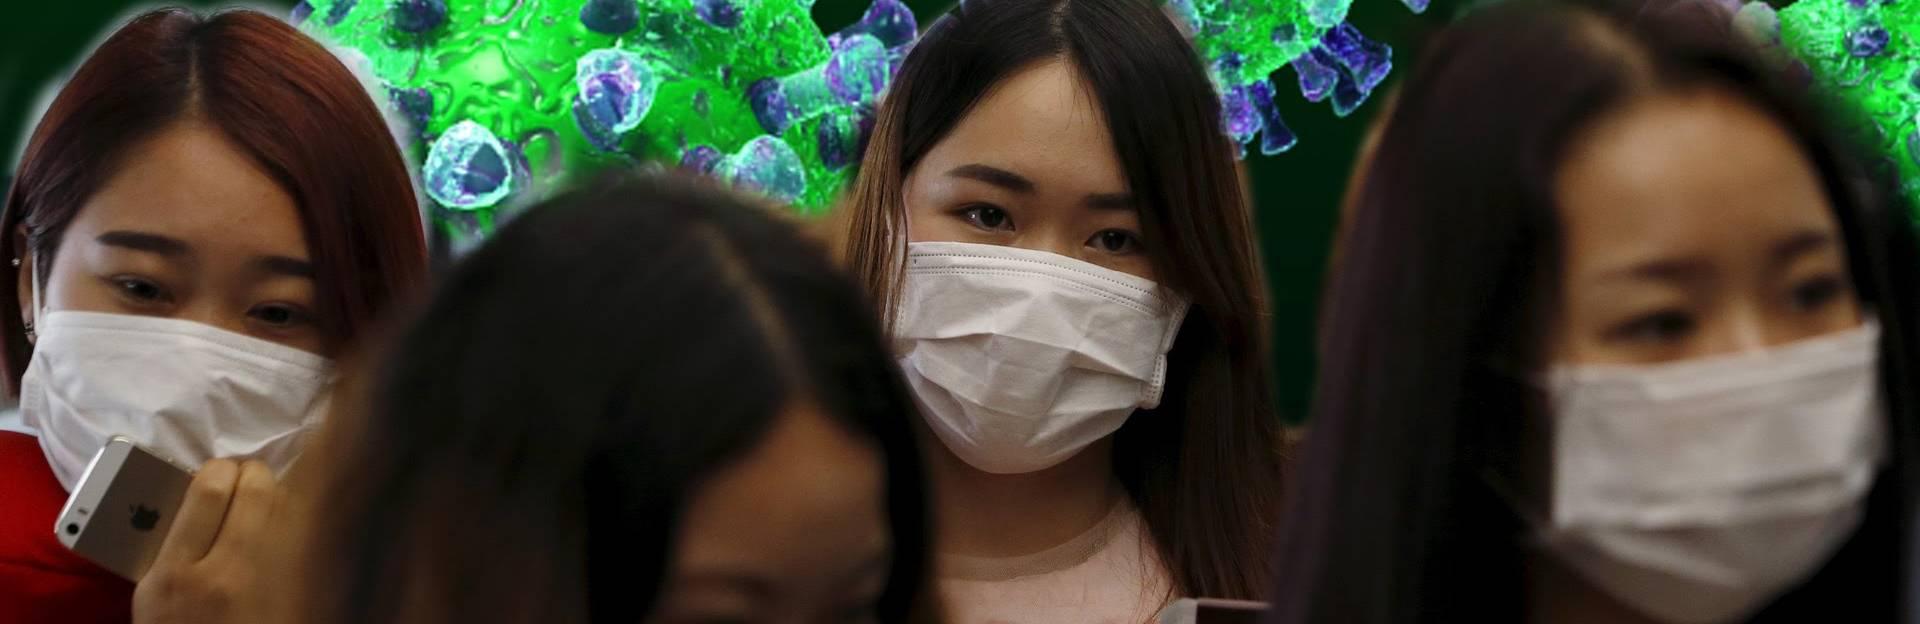 SAD JE SLUŽBENO U Južnoj Koreji nema više zaraze virusom MERS